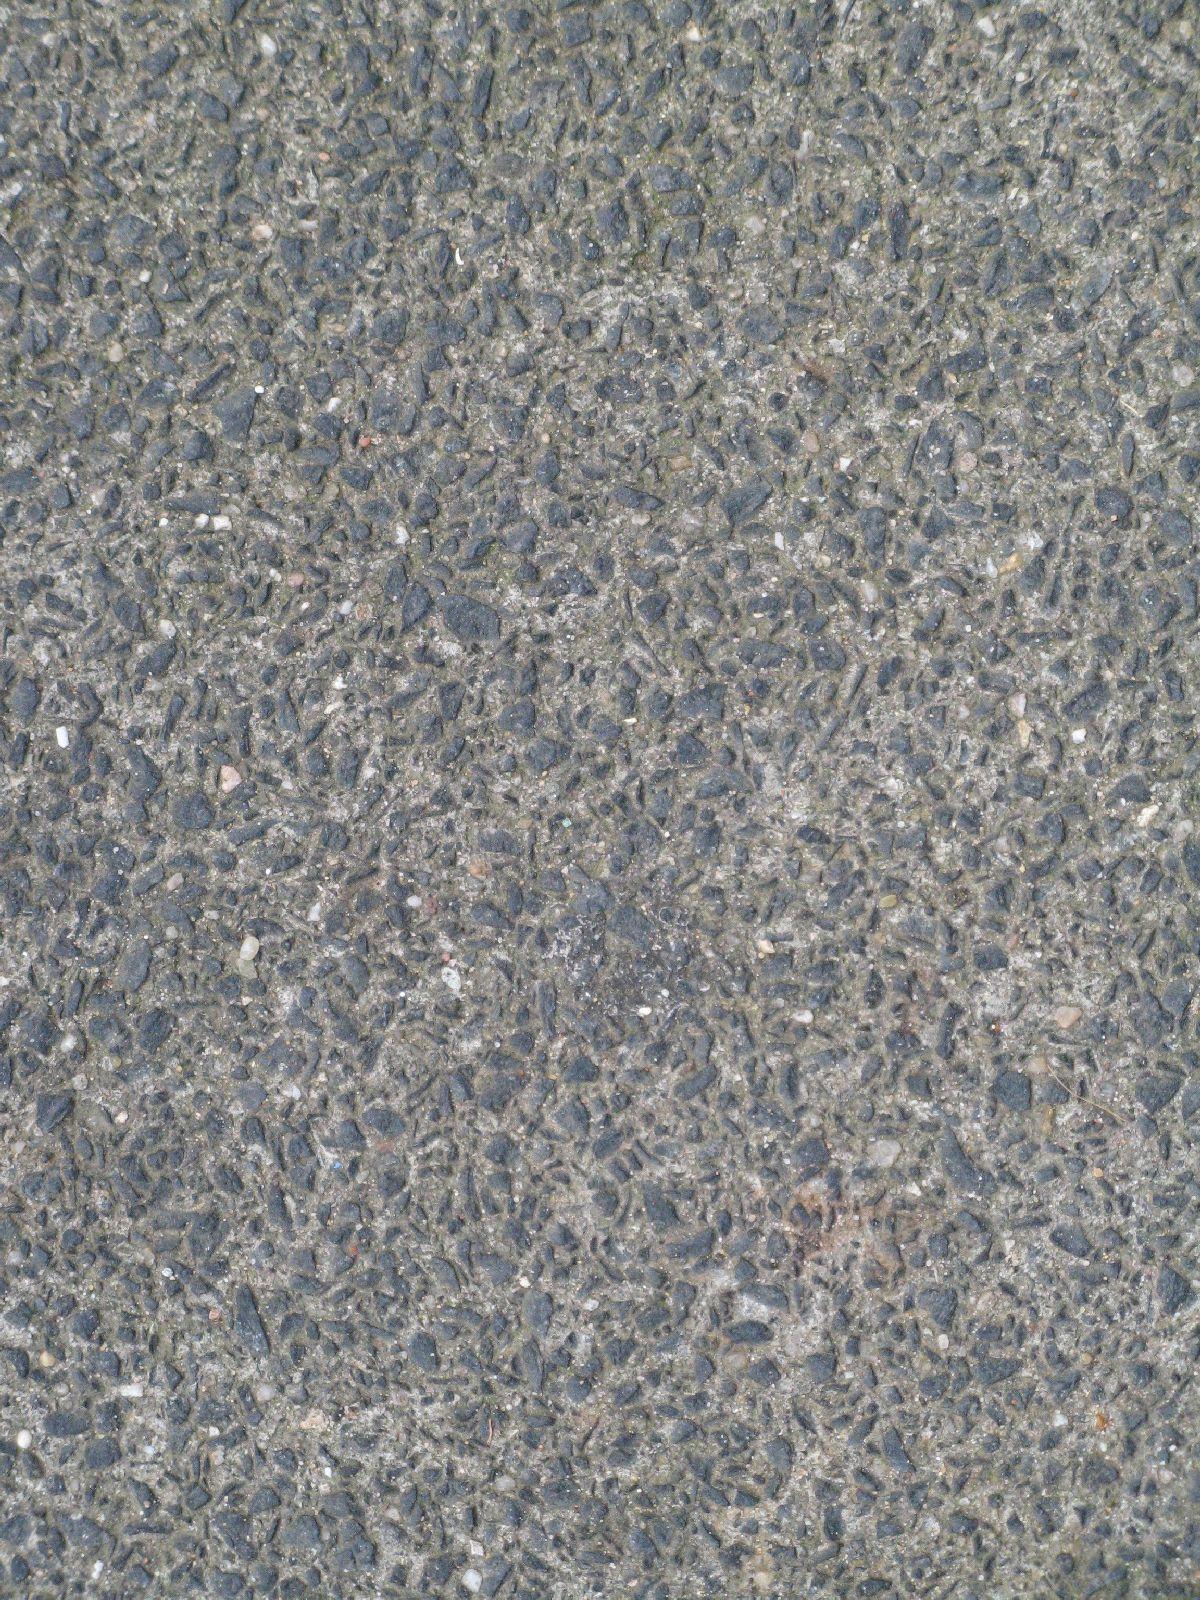 Ground-Urban_Texture_B_02348